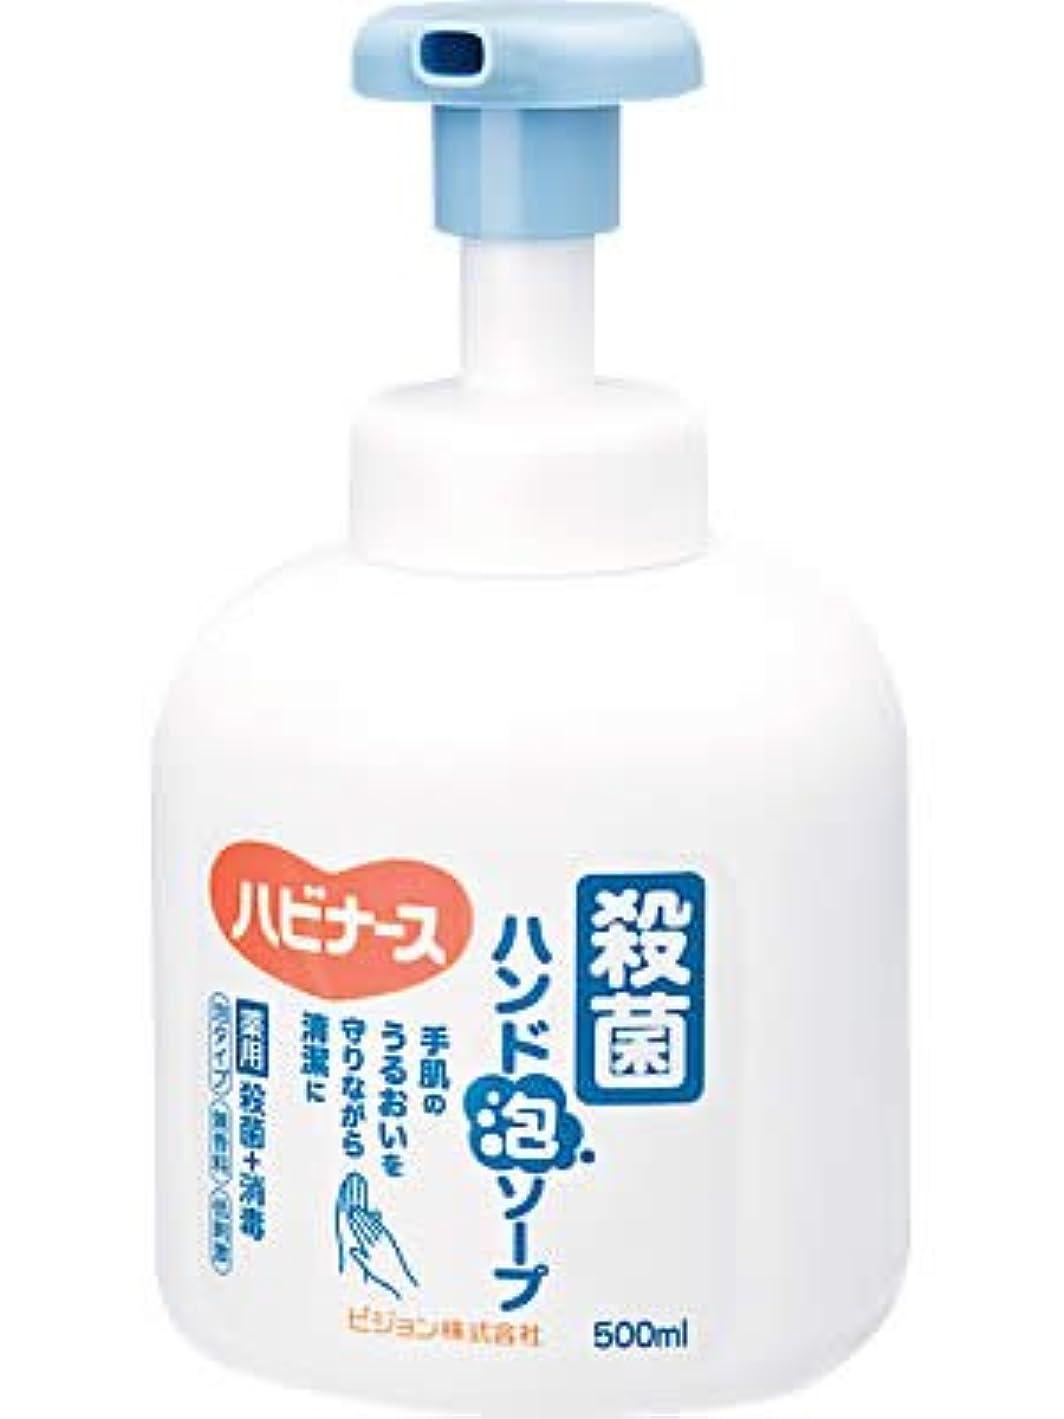 ラベ食欲描くハビナース 殺菌ハンド泡ソープ 500ml